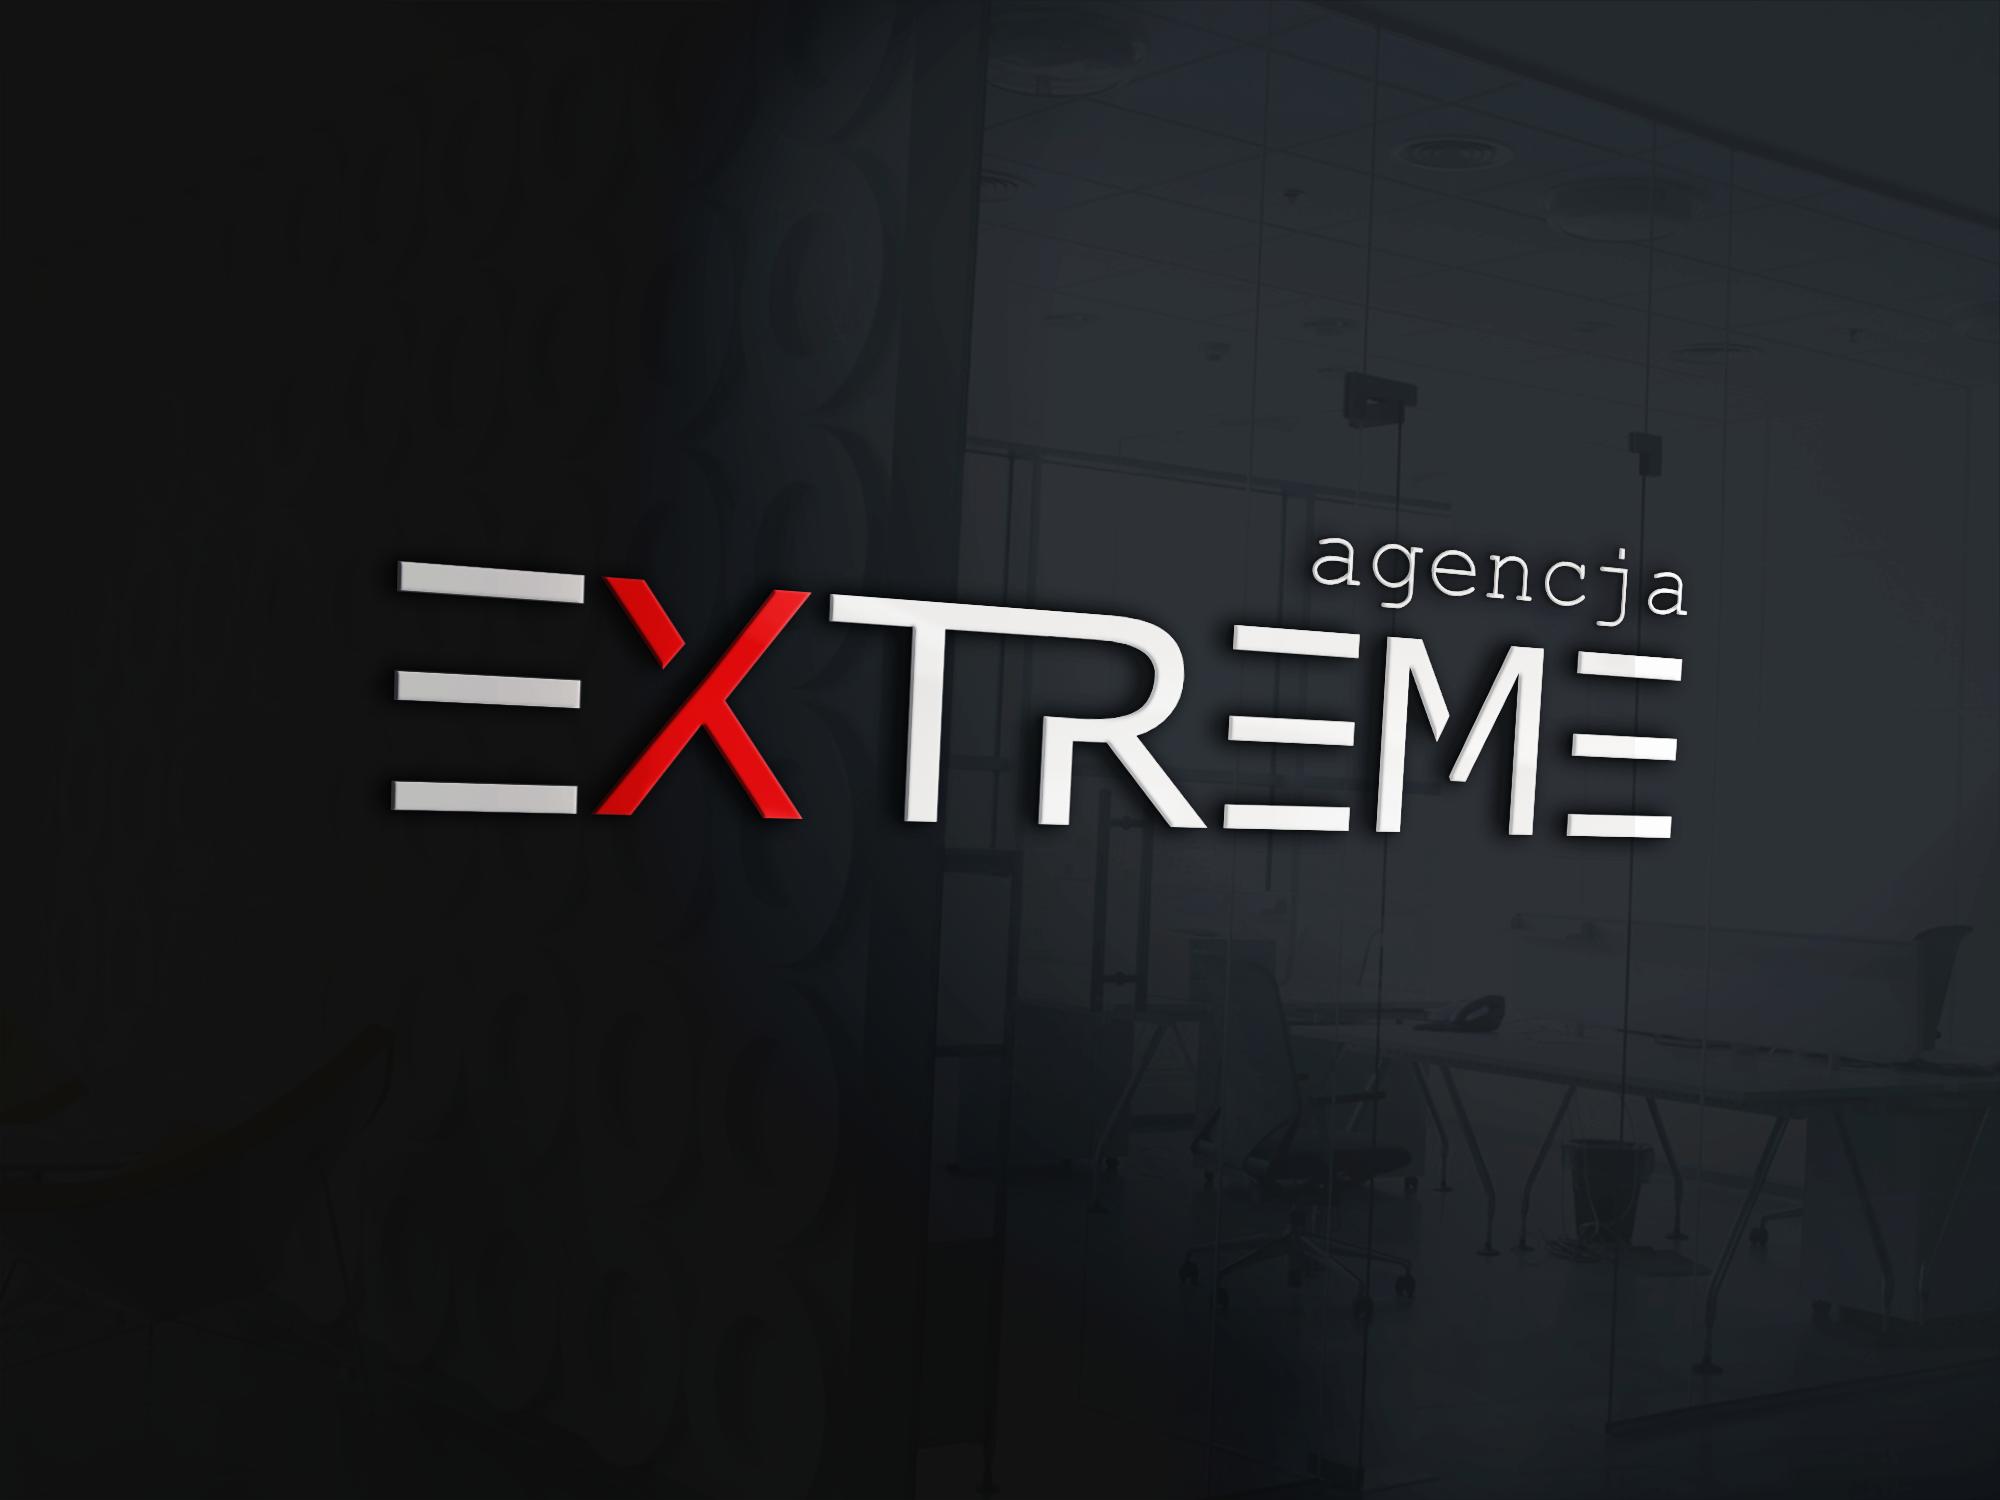 Agencja Extreme